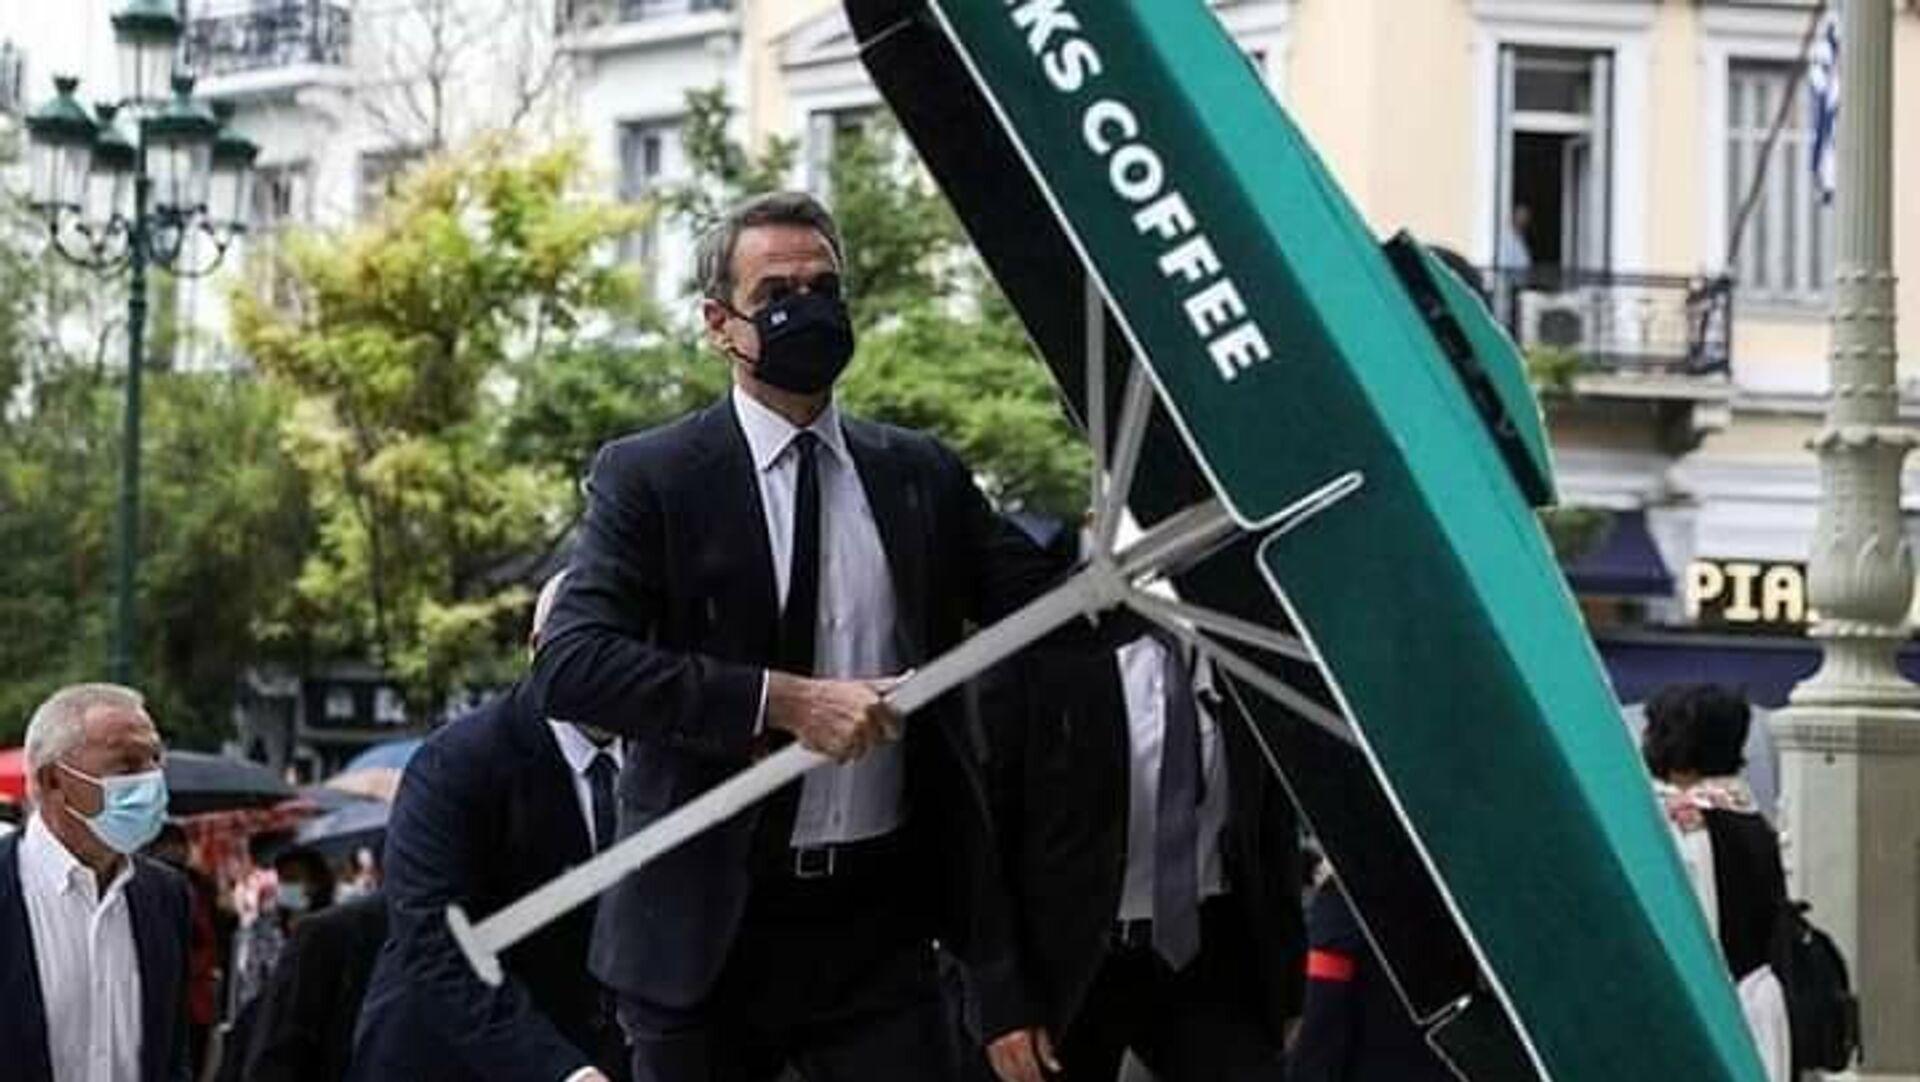 Η ομπρέλα Μητσοτάκη μάγεψε και το Twitter προτείνει... εναλλακτικές - Sputnik Ελλάδα, 1920, 09.09.2021